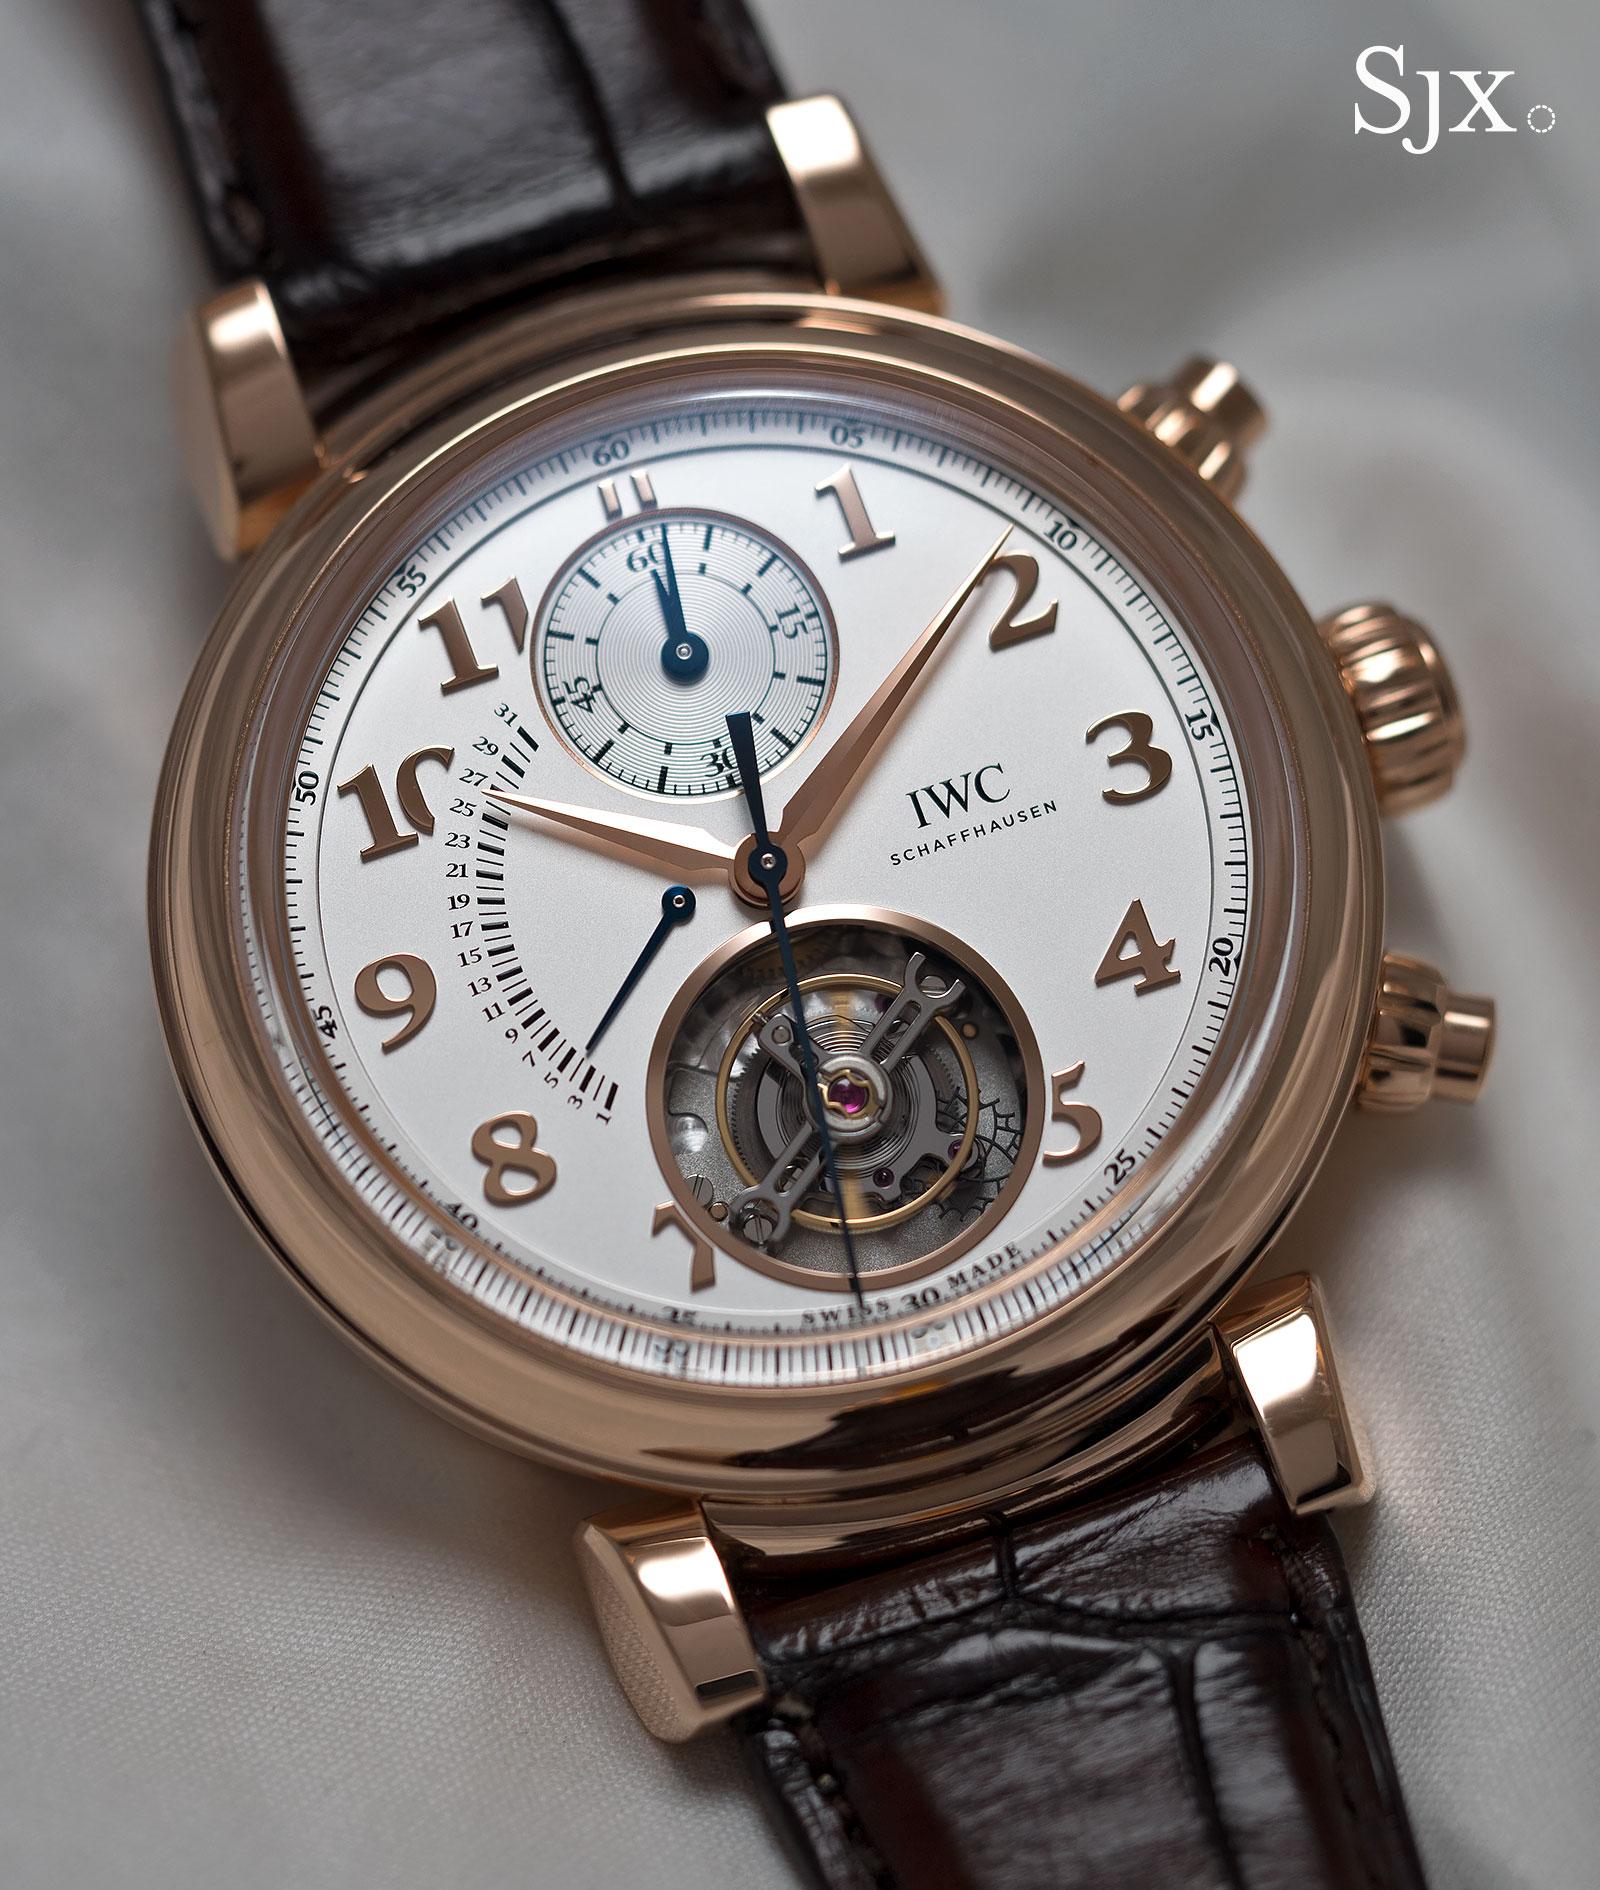 IWC Da Vinci Tourbillon Rétrograde Chronograph 1